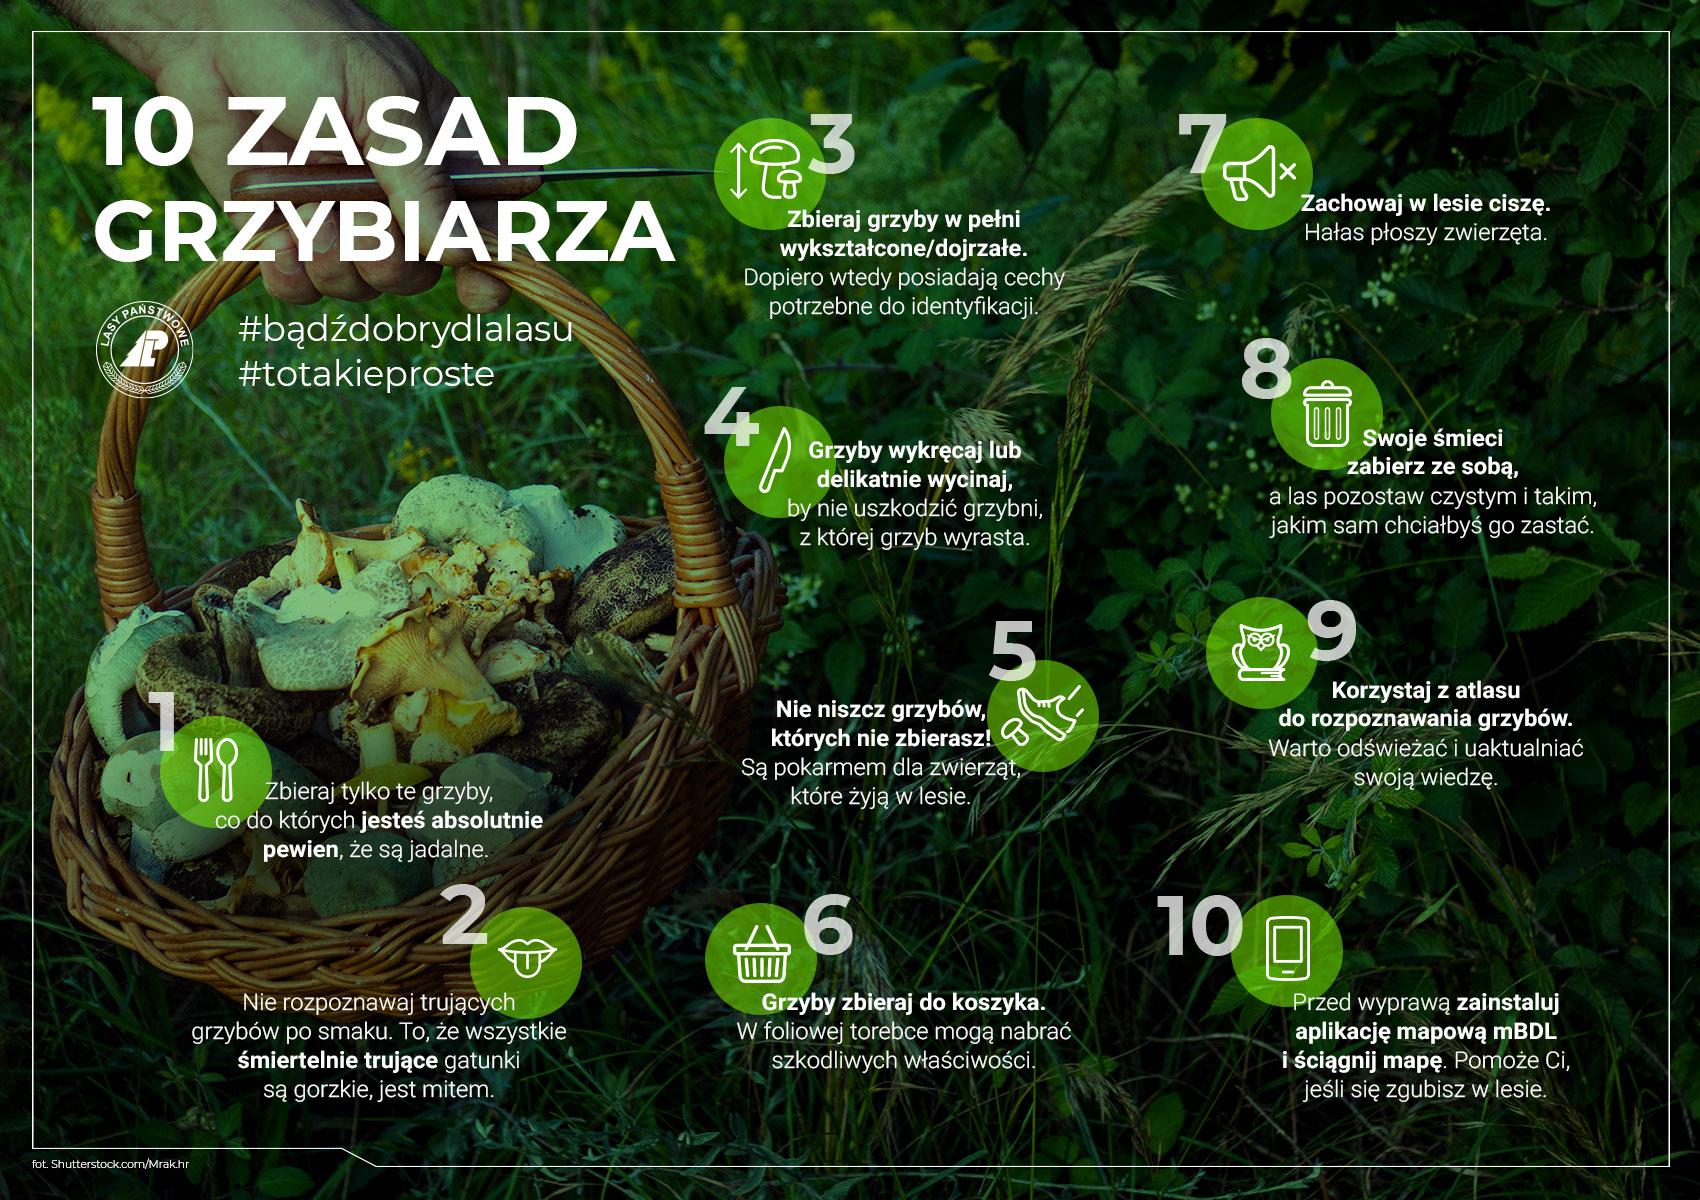 10 zasad grzybiarza